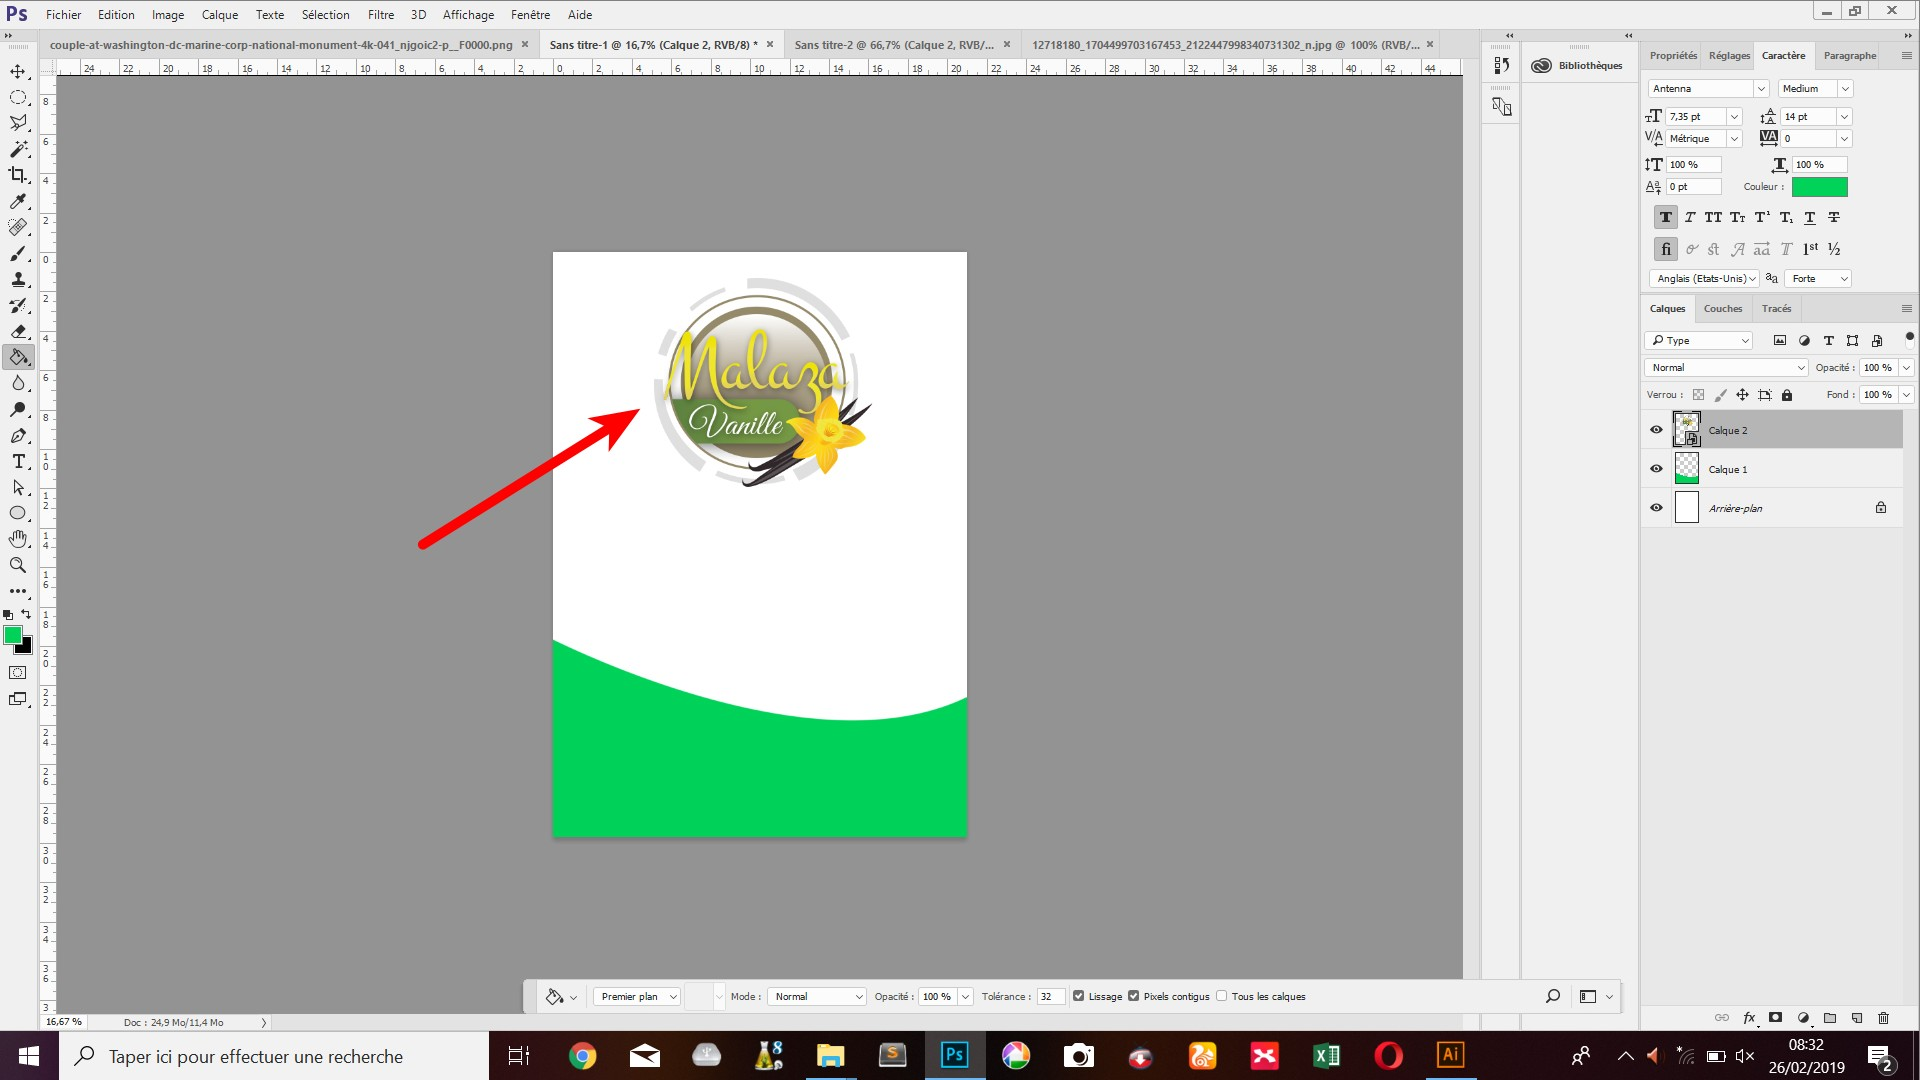 Je to dobré, zvýraznili jsme logo produktu (jako připomínka vanilky)